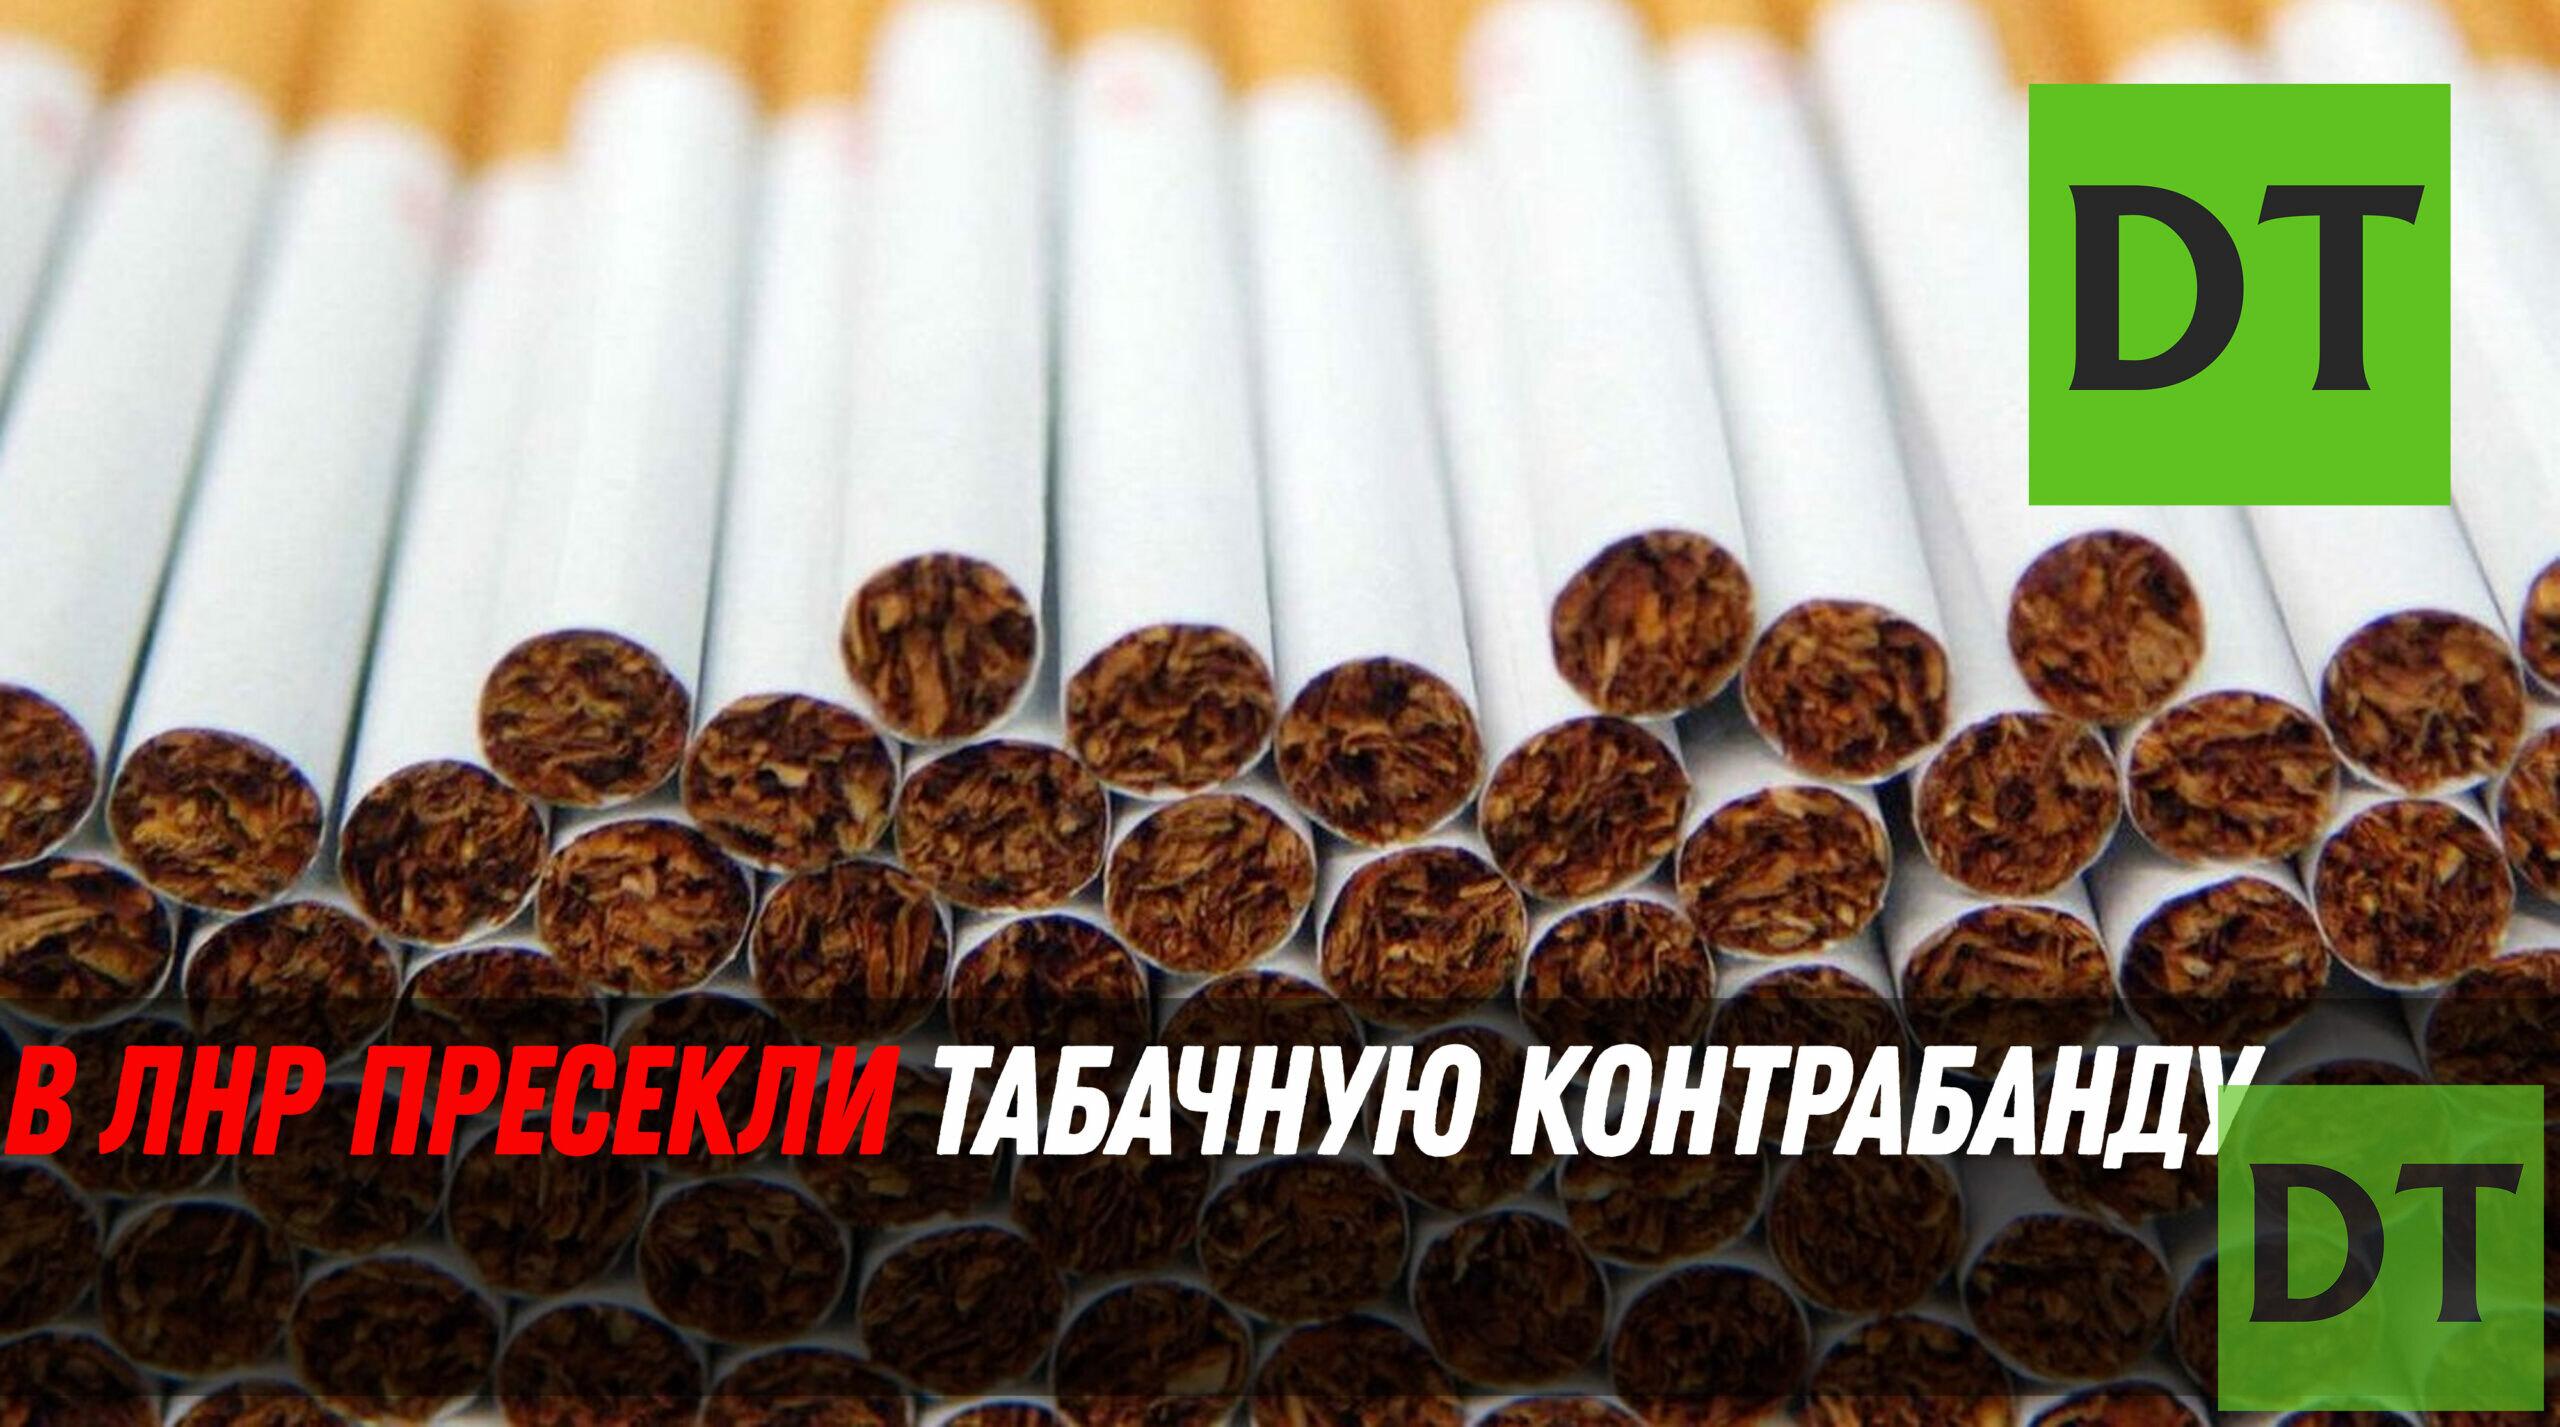 Продажа табачных изделий в лнр мурати сигареты купить